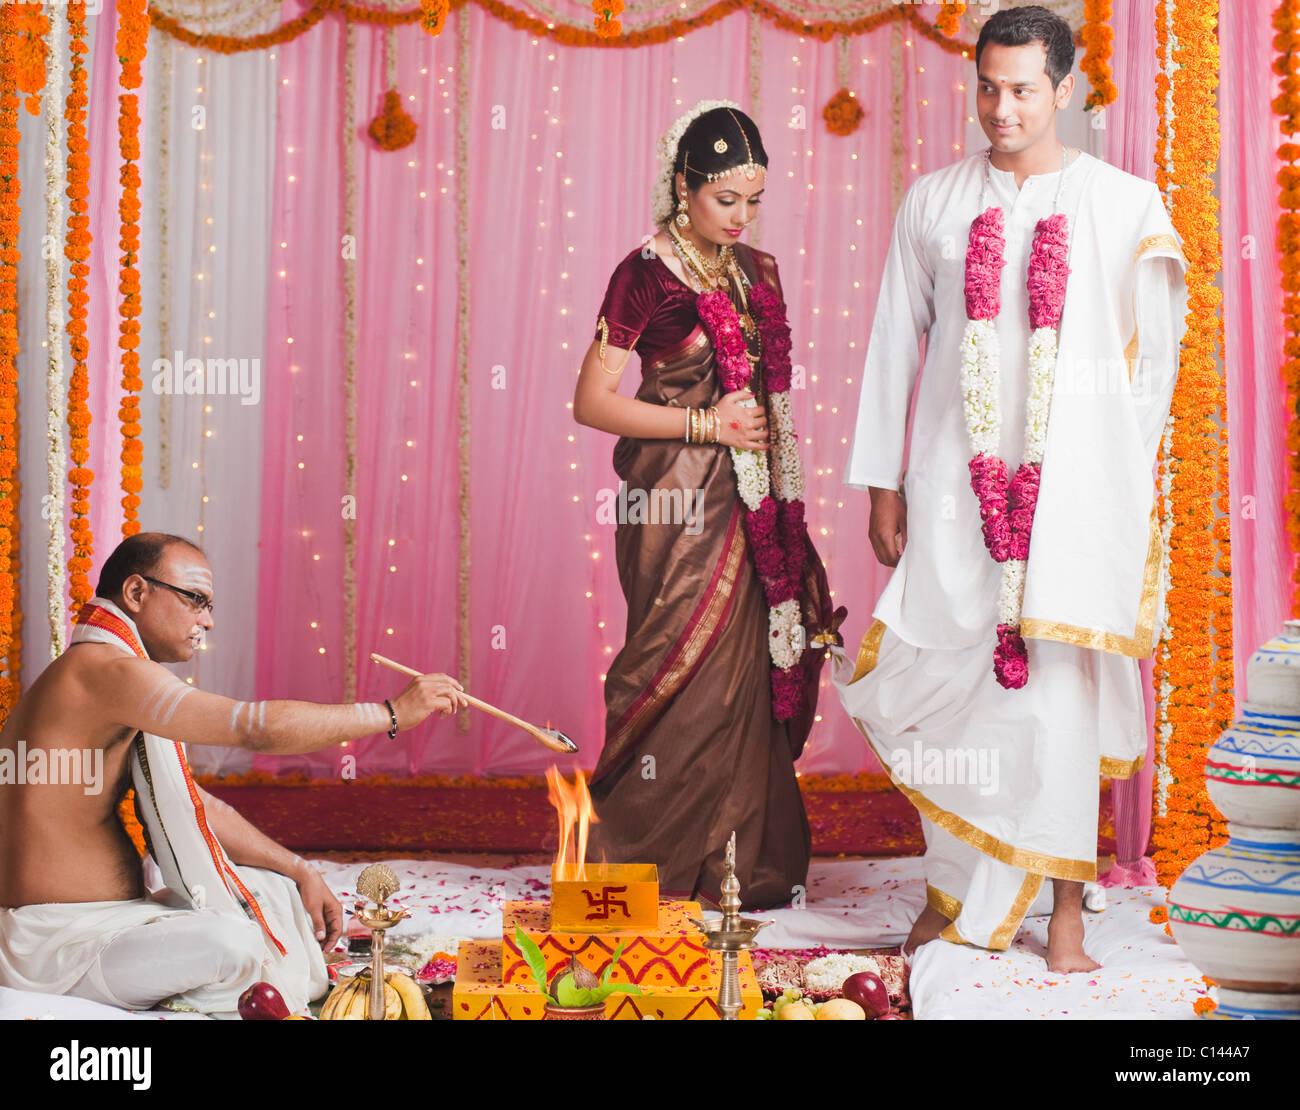 Bride And Bridegroom Taking Saptha Padhi During South Indian Wedding